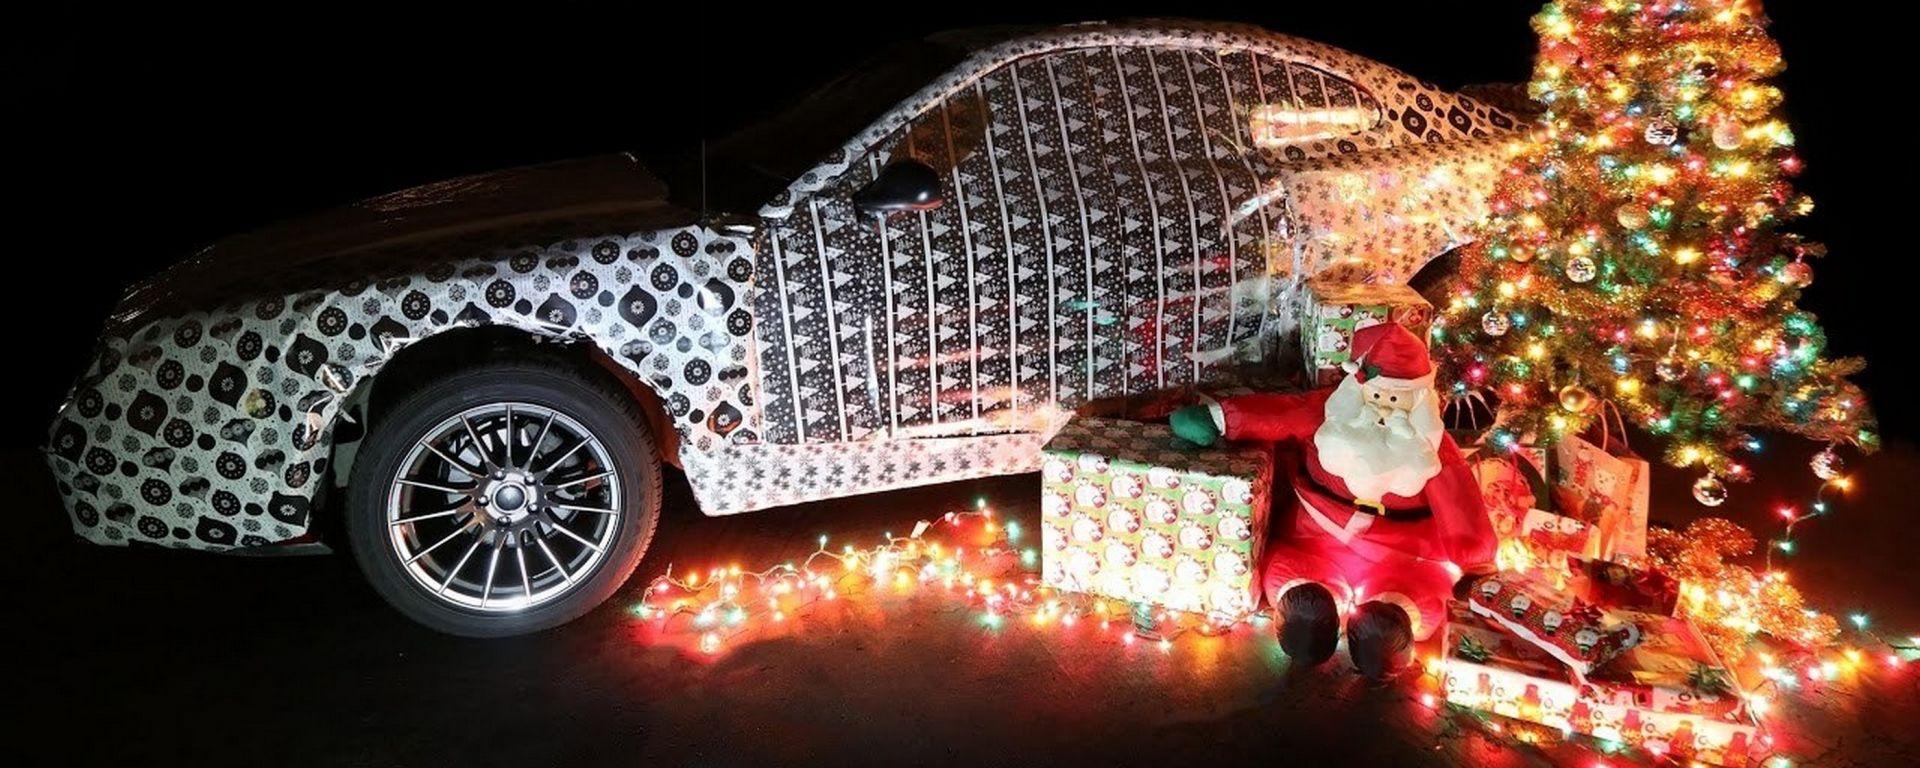 Natale 2018, perché non fare un regalo in chiave auto?